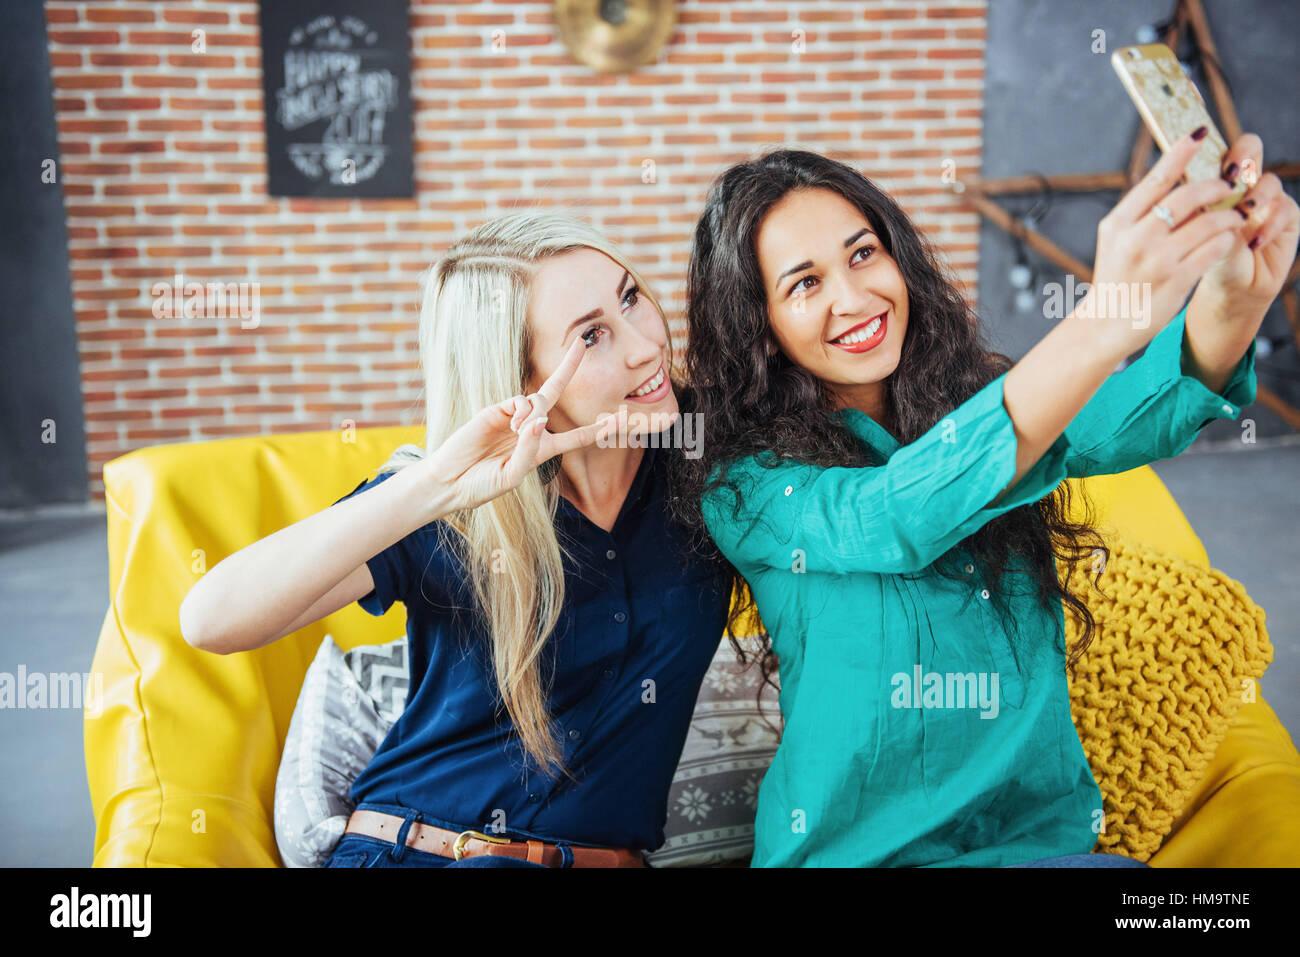 Zwei schöne junge Frau tut Selfie in einem Café, beste Freunde Mädchen zusammen, die Spaß, posiert Stockbild